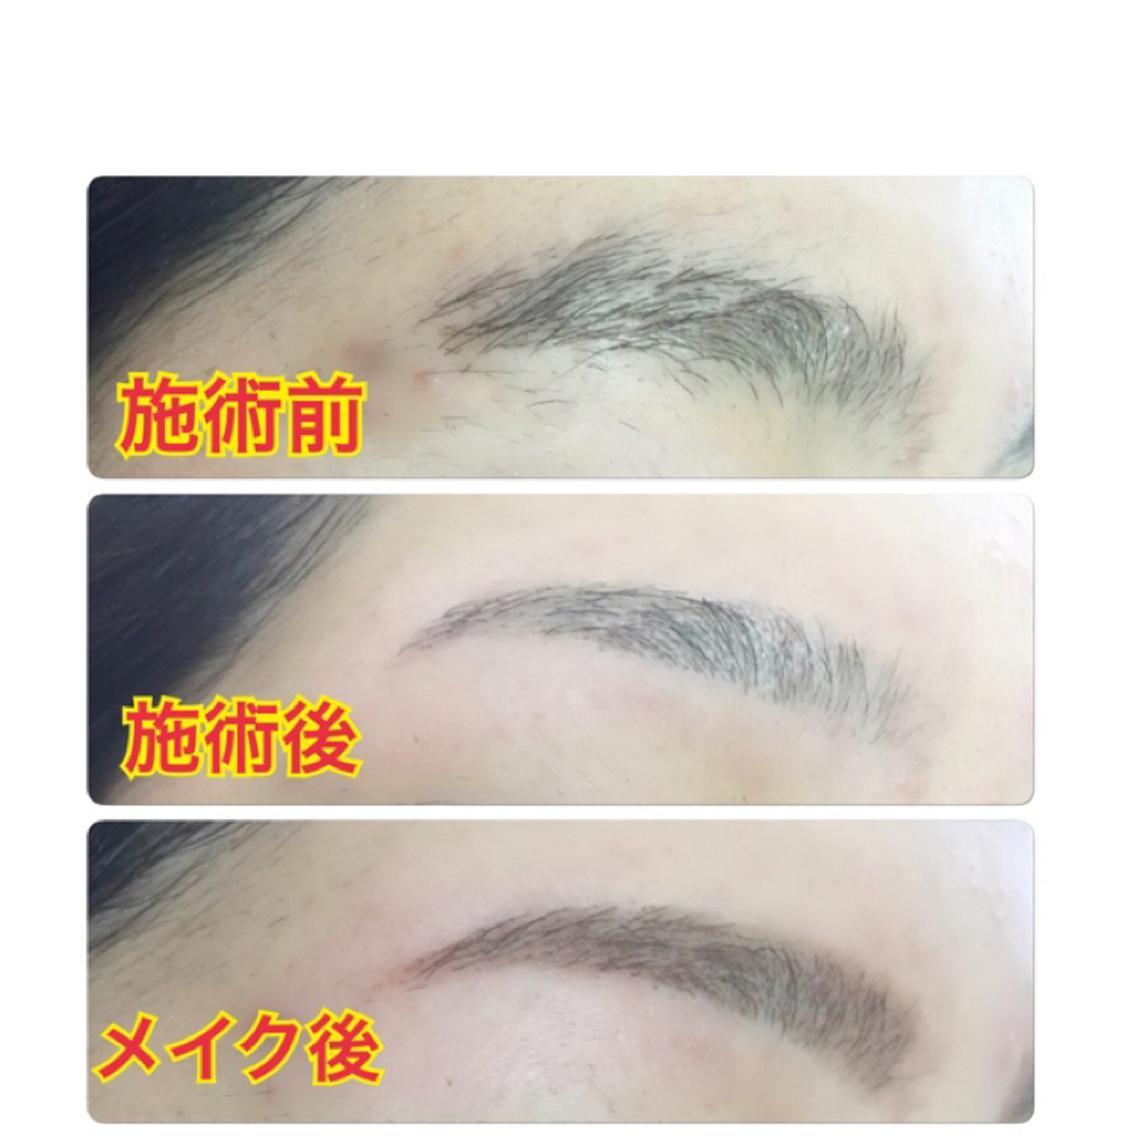 口コミ多数‼️理想の眉毛で更なる持続性❤️【眉Waxスタイリング】人気眉も似合わせ眉もおまかせください✨